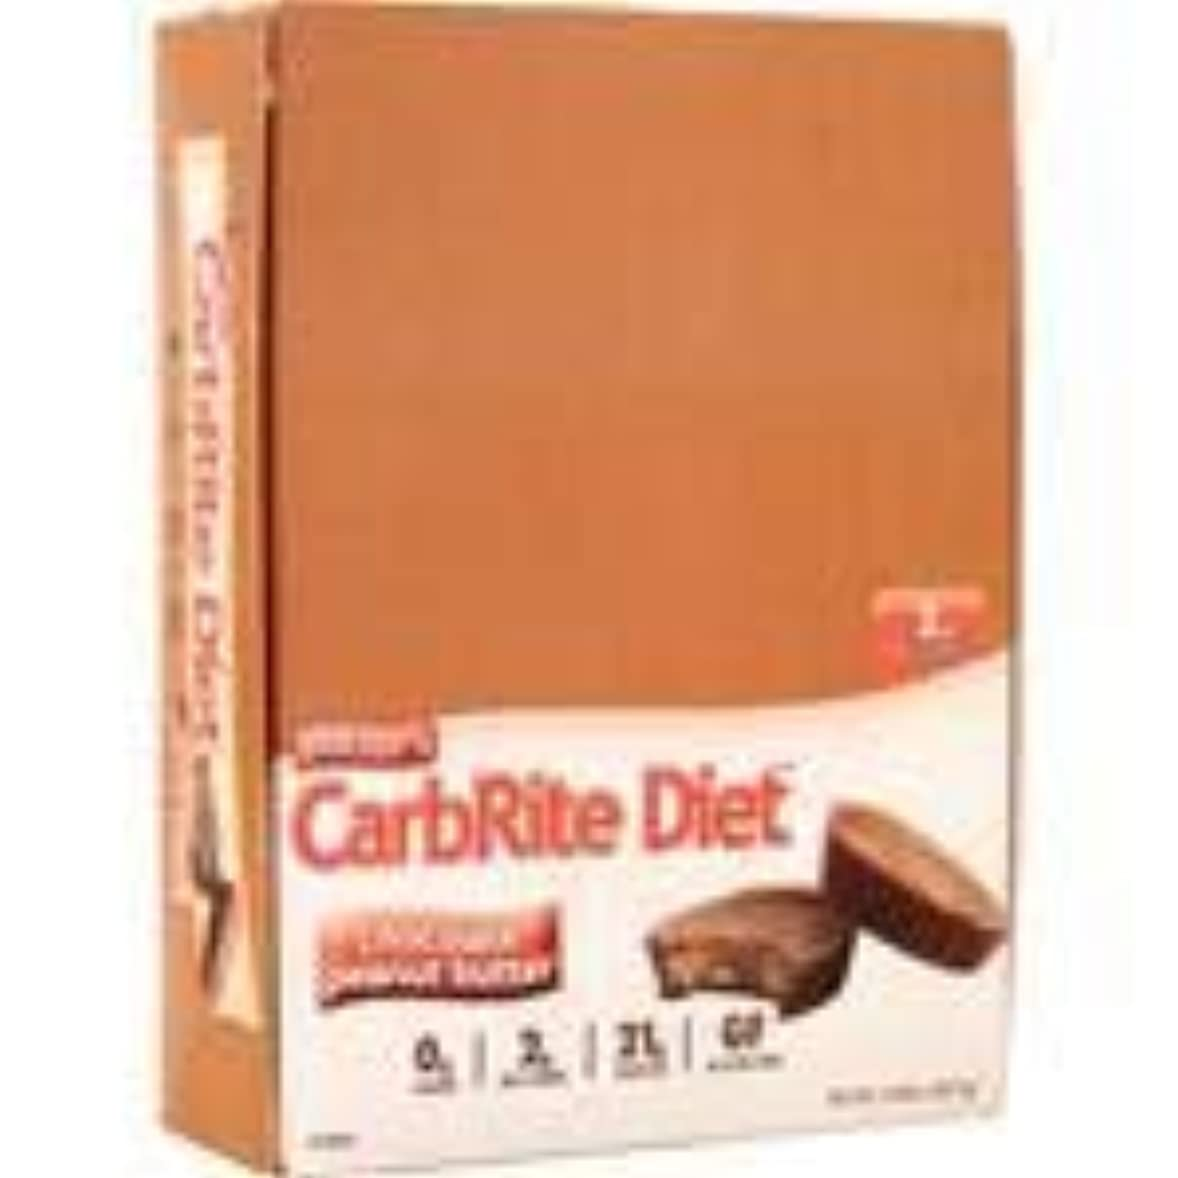 計算するびん明示的にドクターズダイエット?カーボライトバー?チョコレートピーナッツバター 12本 2個パック